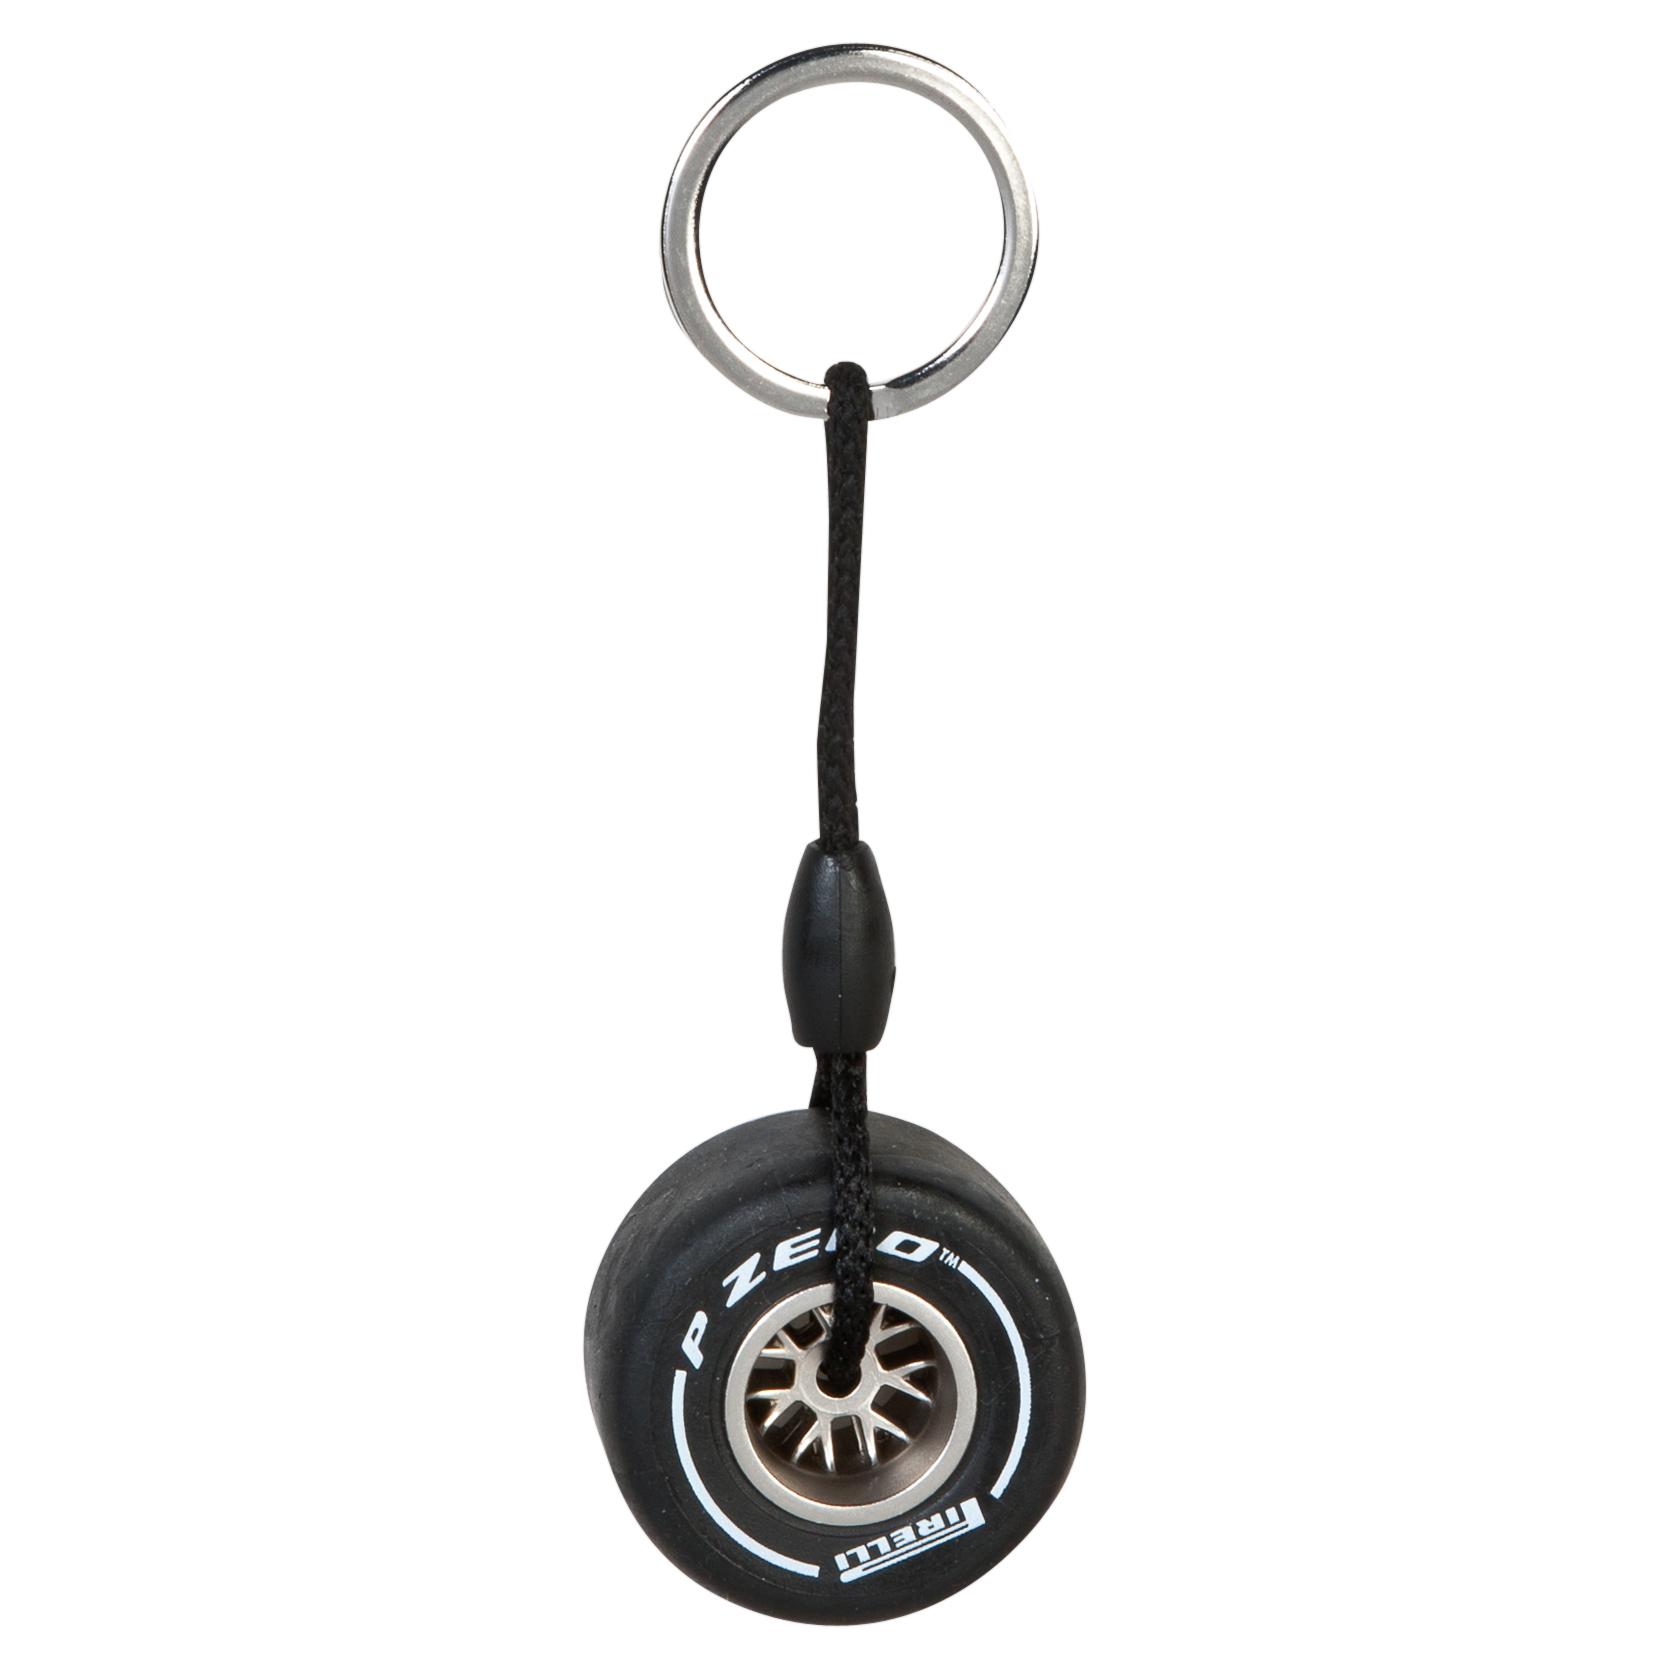 Pirelli Rim Tyre Key Ring - Medium White